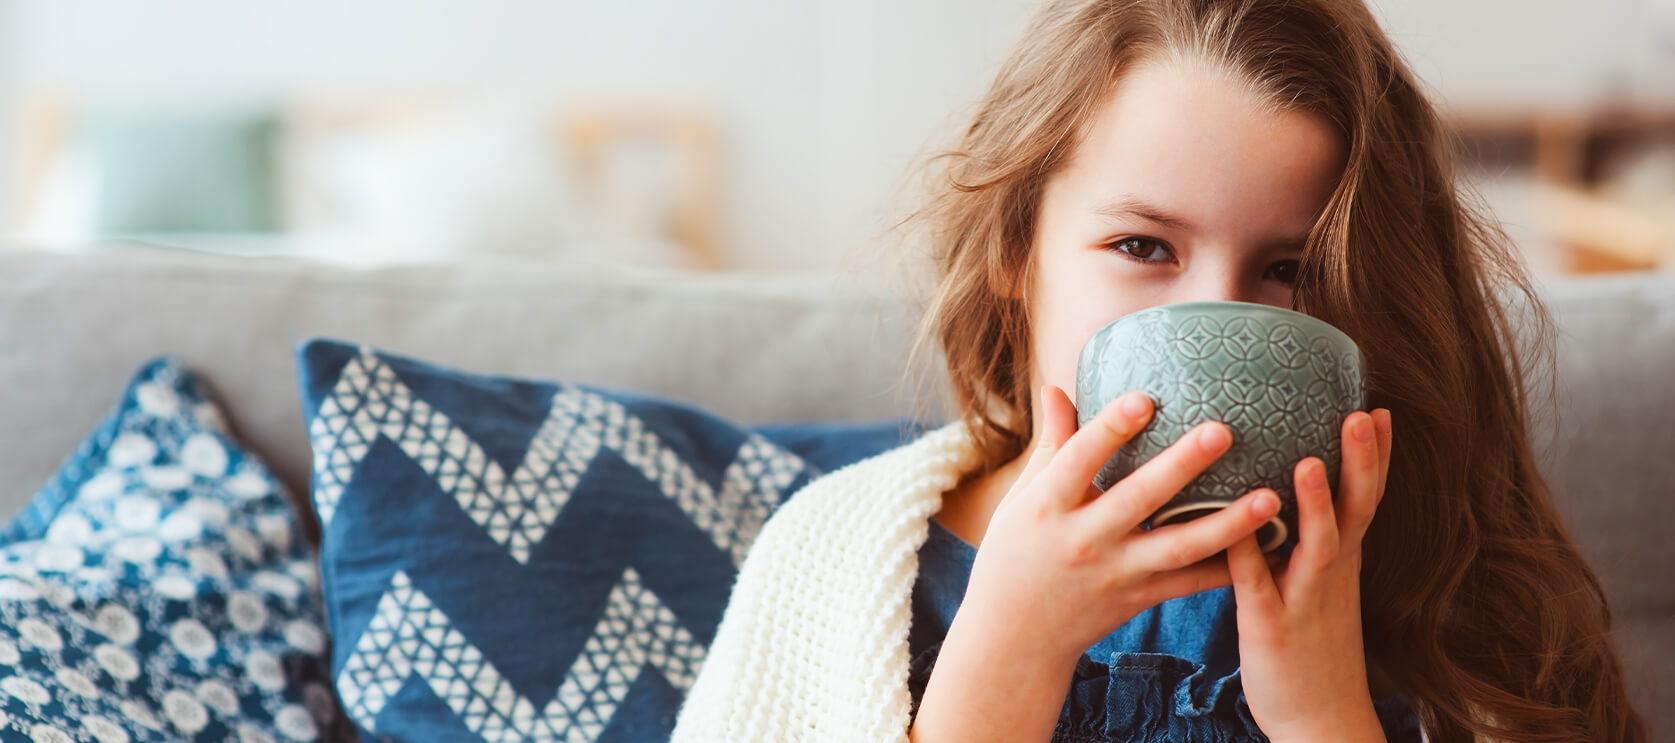 Naturalne sposoby na odporność i wzmocnienie organizmu dziecka